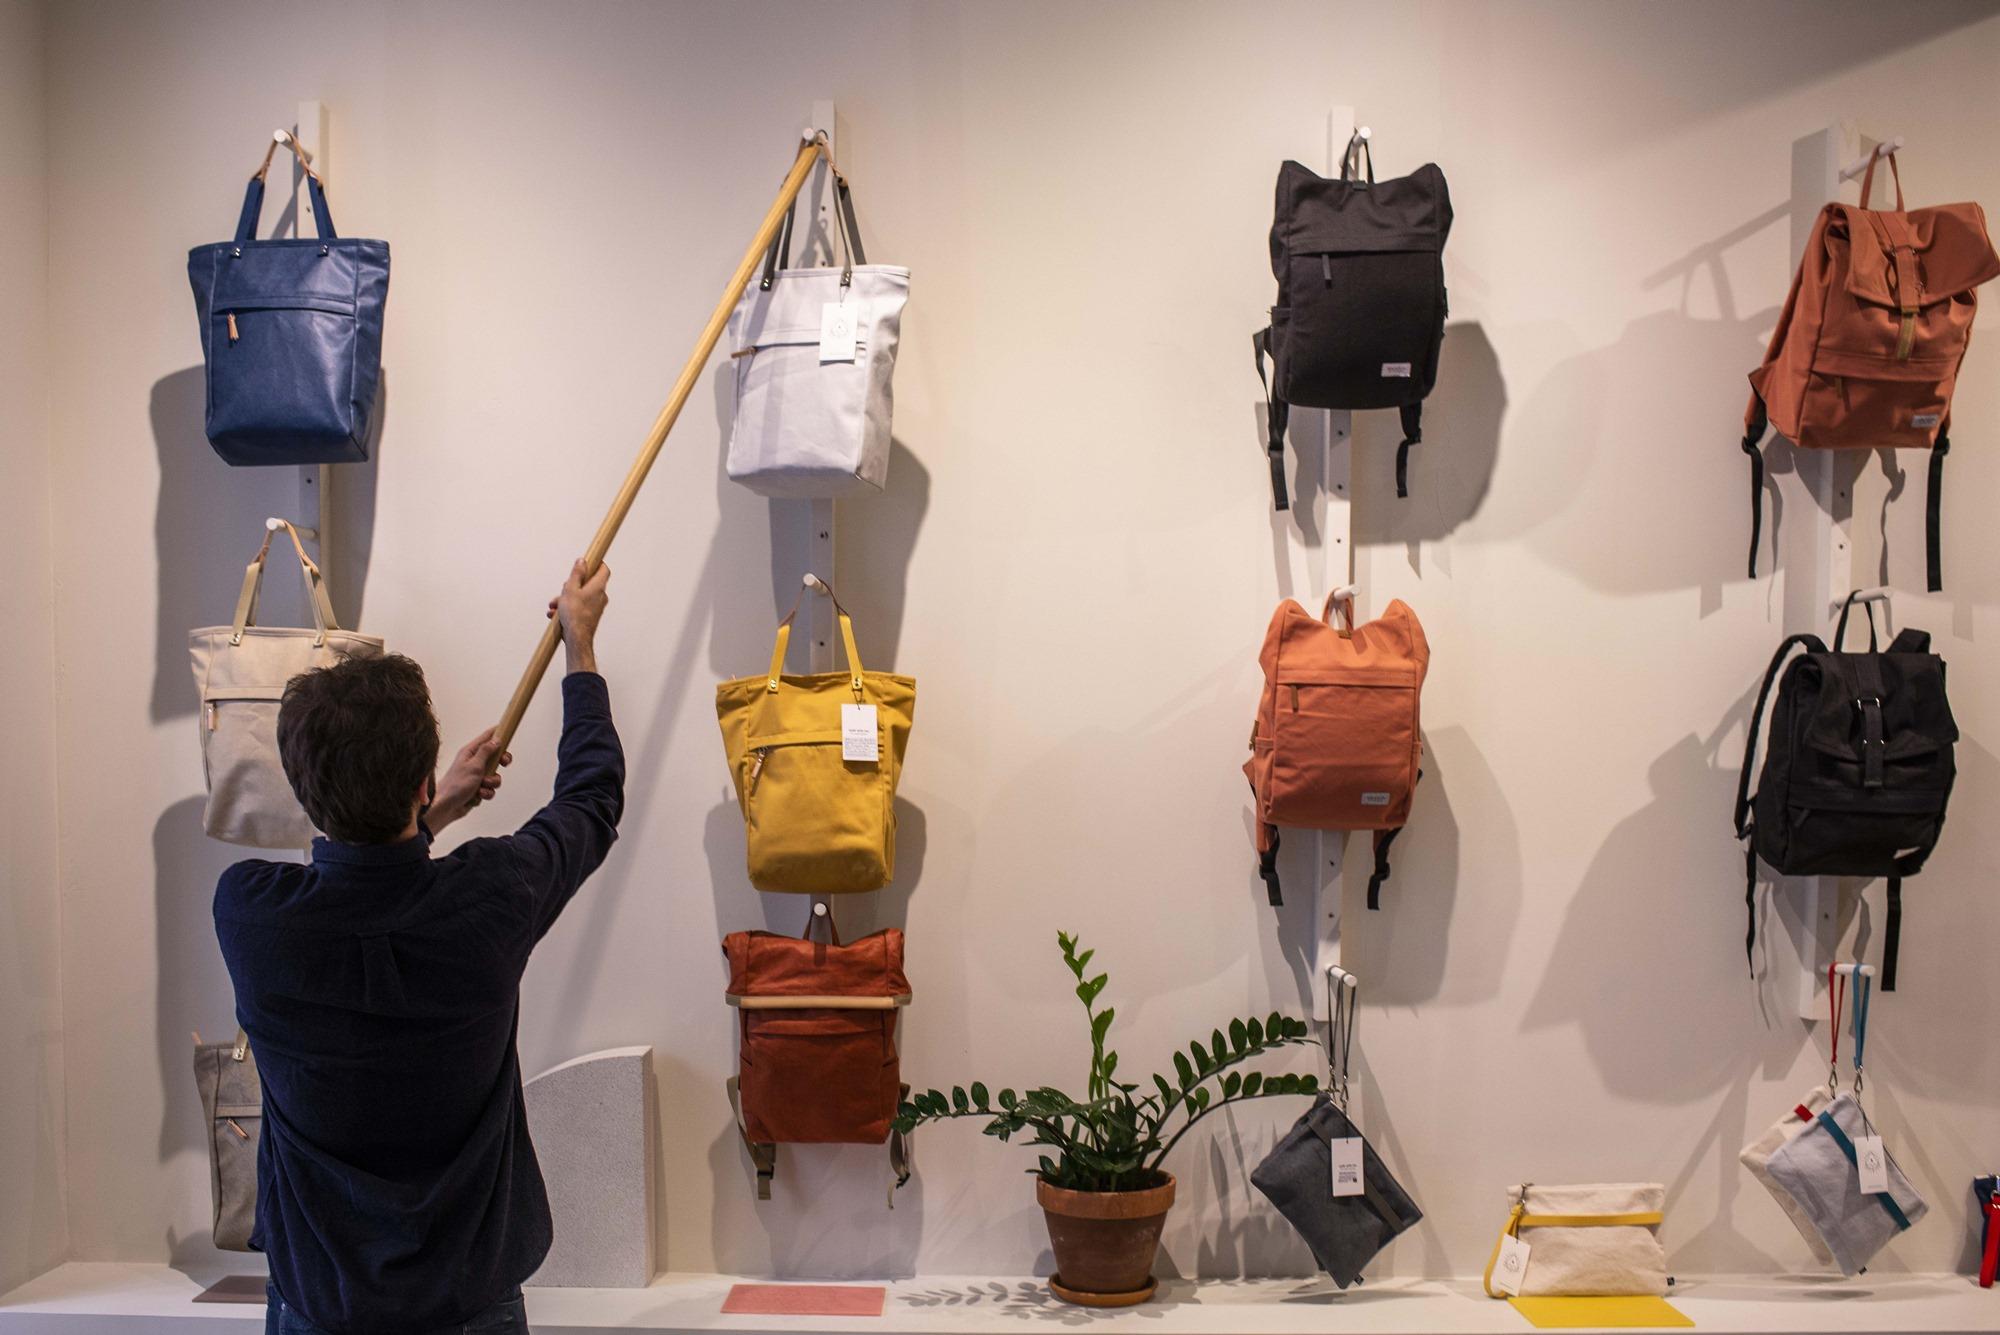 Los diseños de los bolsos y mochilas de Walk with me, simples y atractivos.